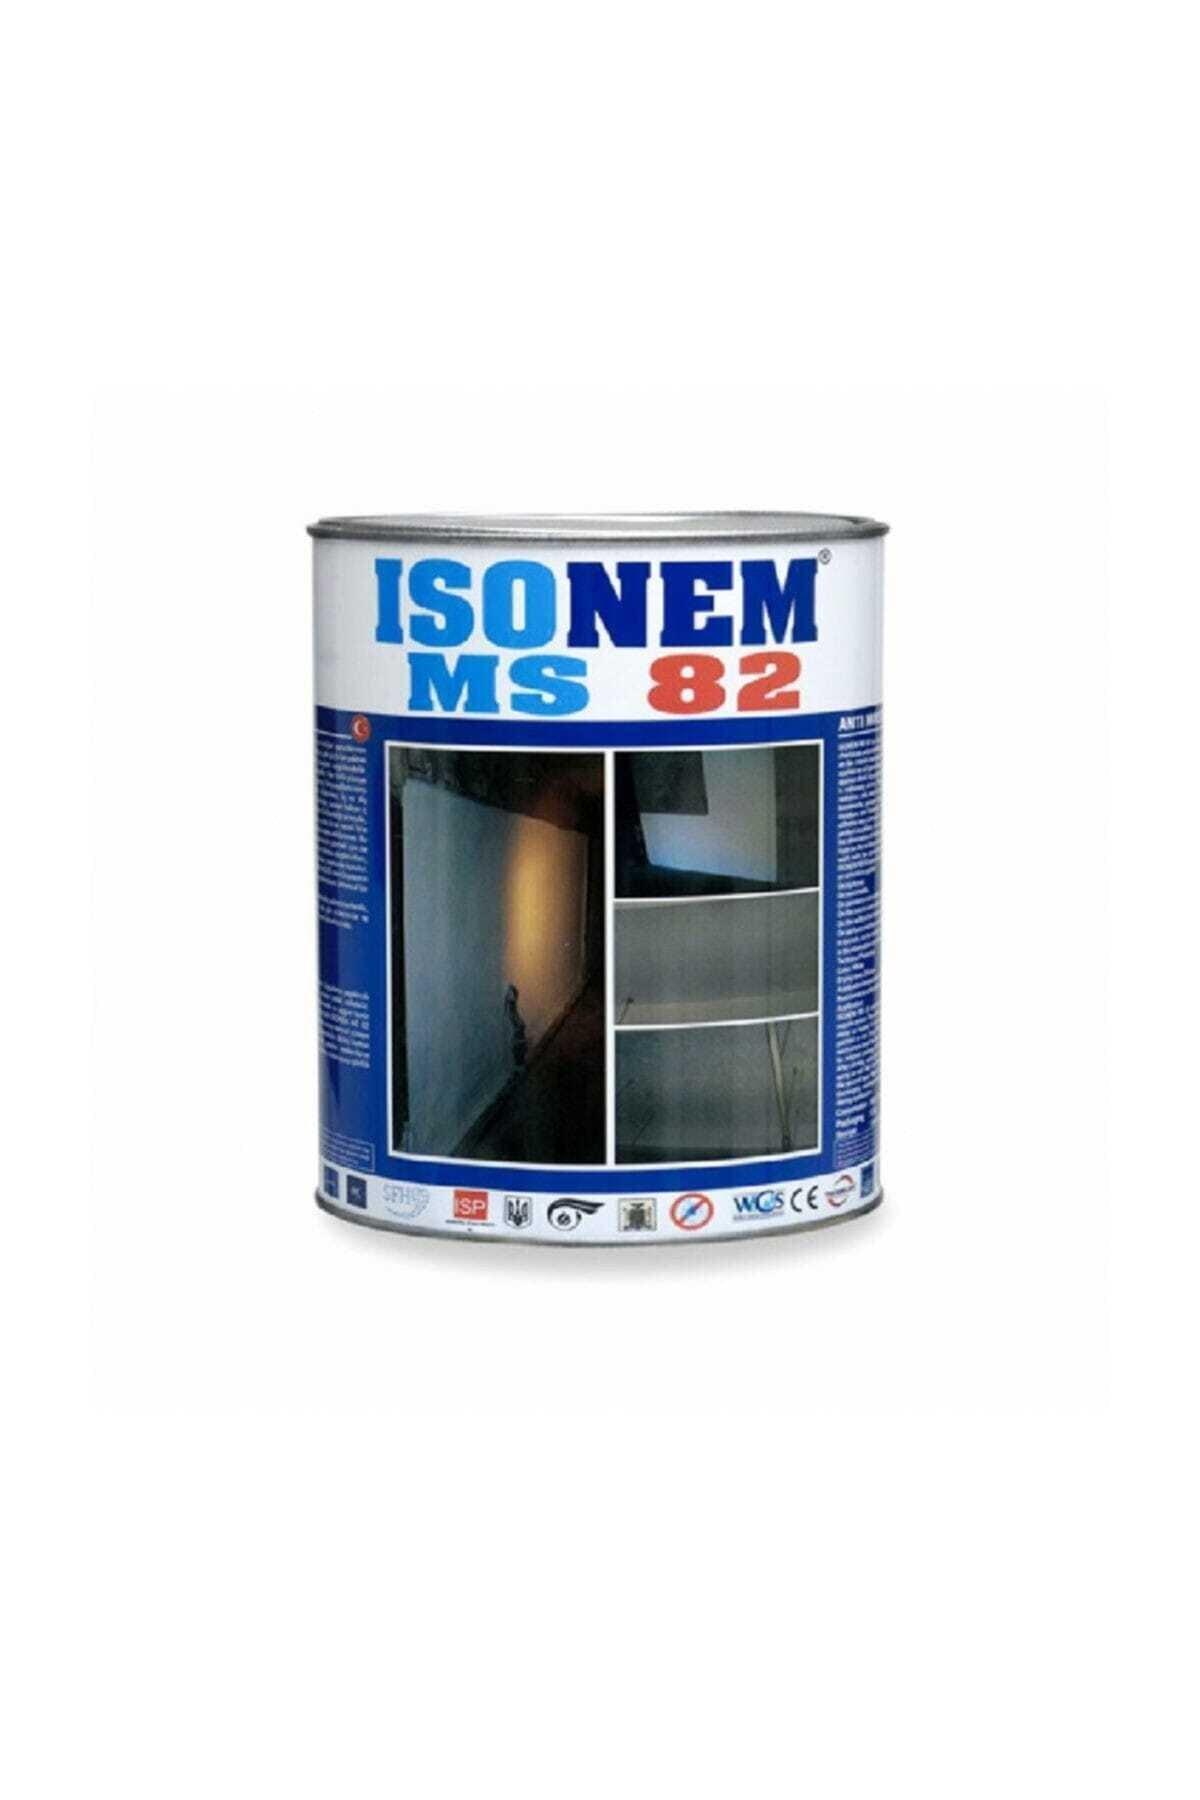 Isonem Ms 82 Rutubet Ve Nem Boyası 5 kg 1